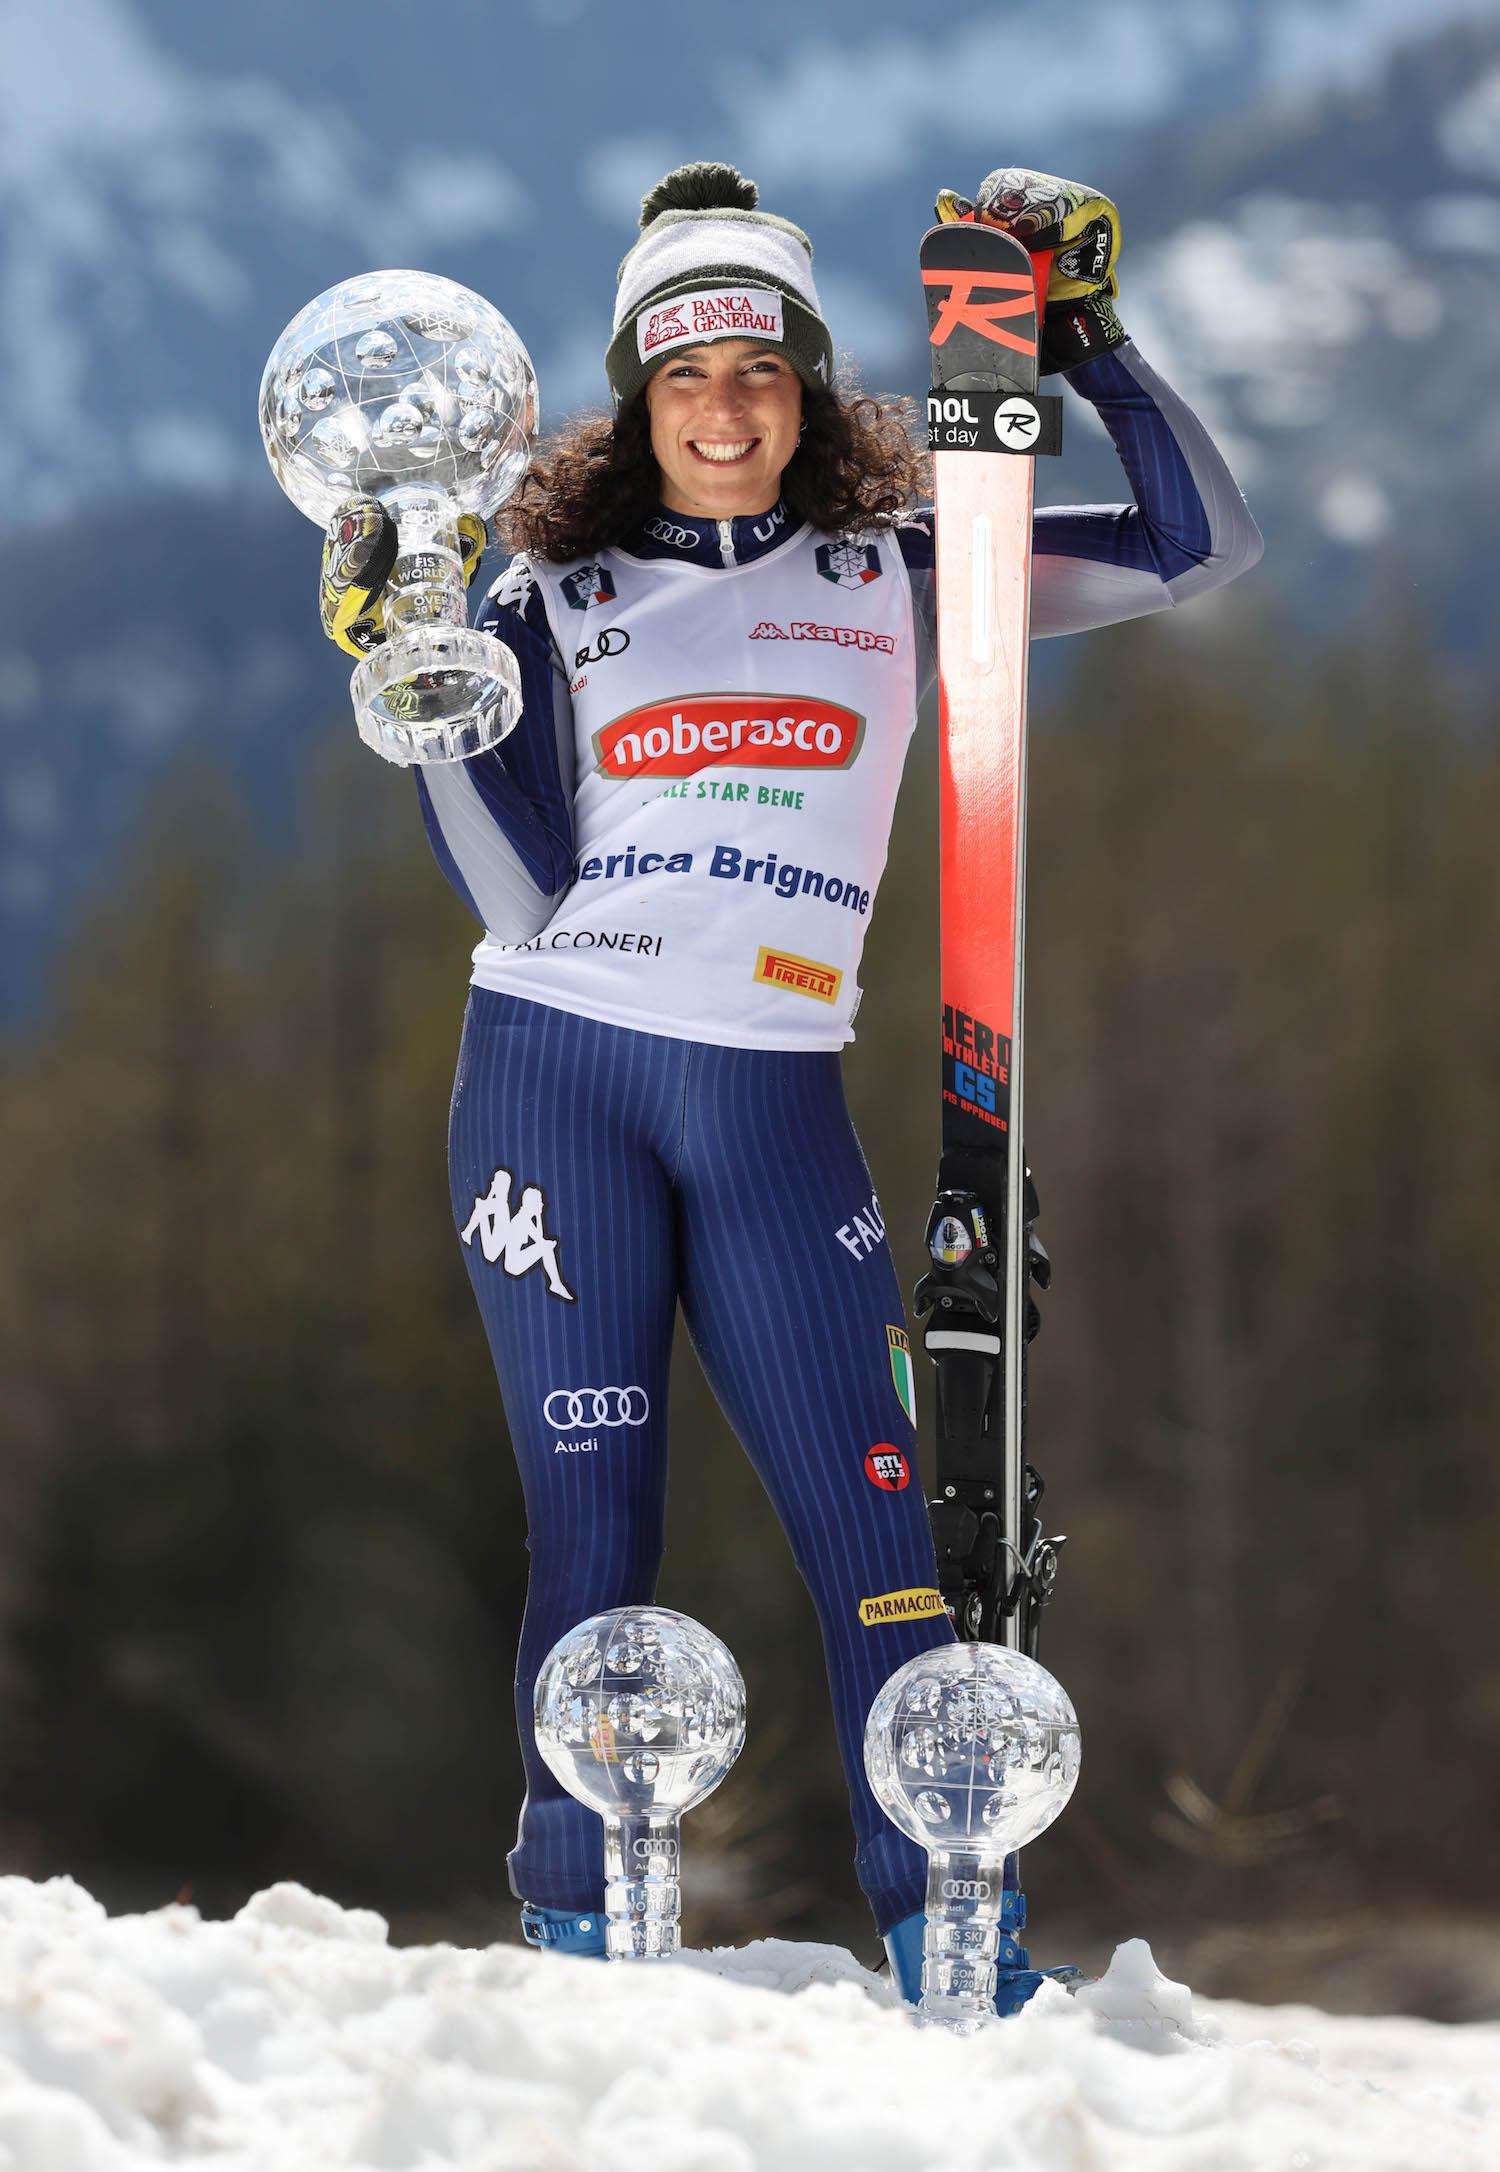 SKI WORLD CUP 2019/2020- Federica Brignone vincitrice della Coppa del mondo generale. Val ferret, Italia, 6-05-2020 photo:Alessandro Trovati/Pentaphoto.